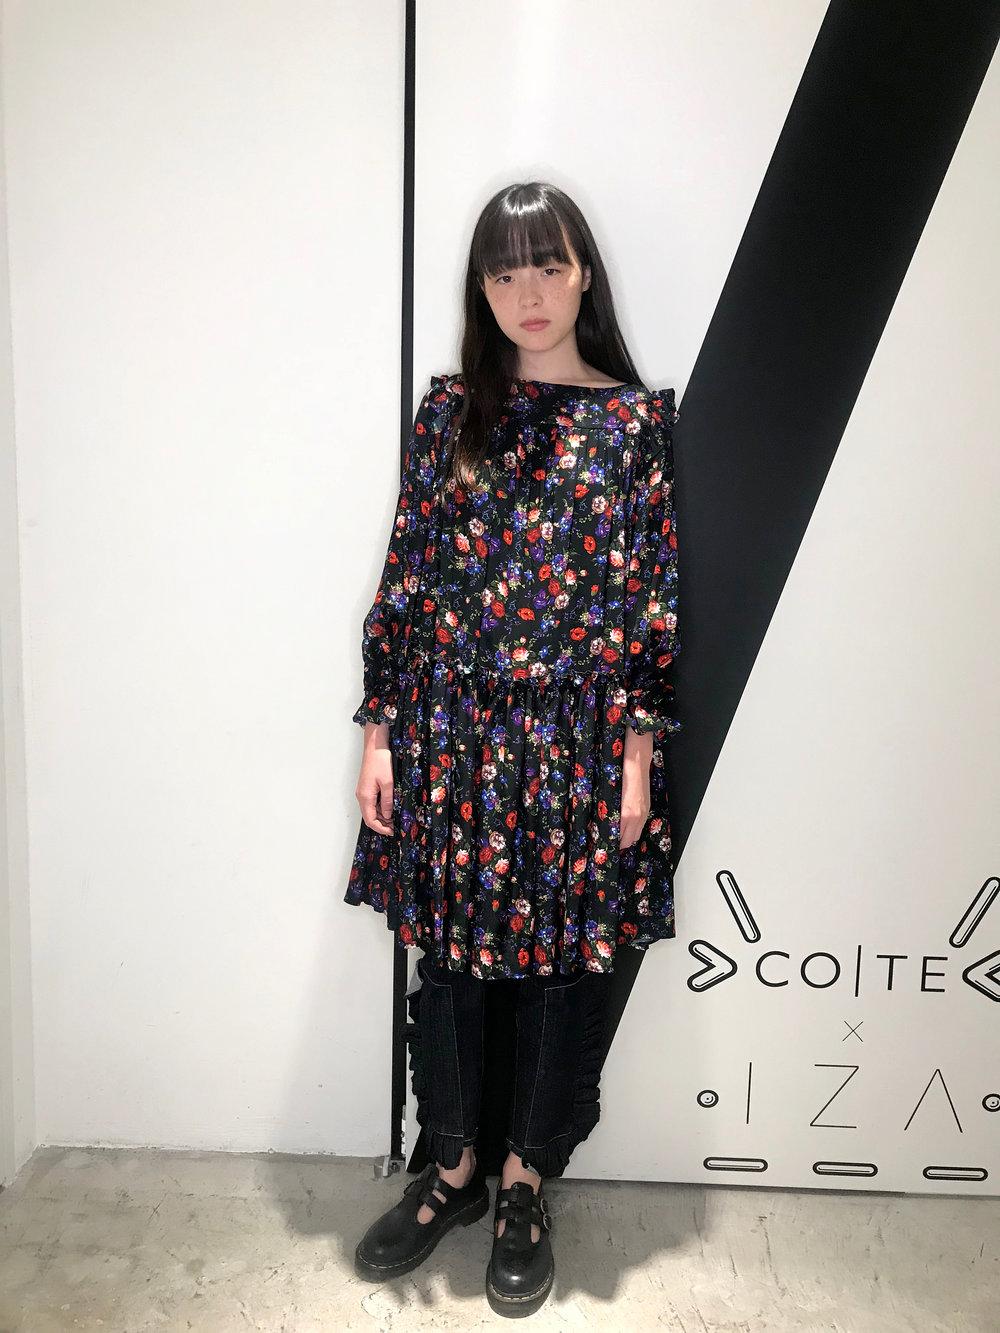 COTE Serena Motola